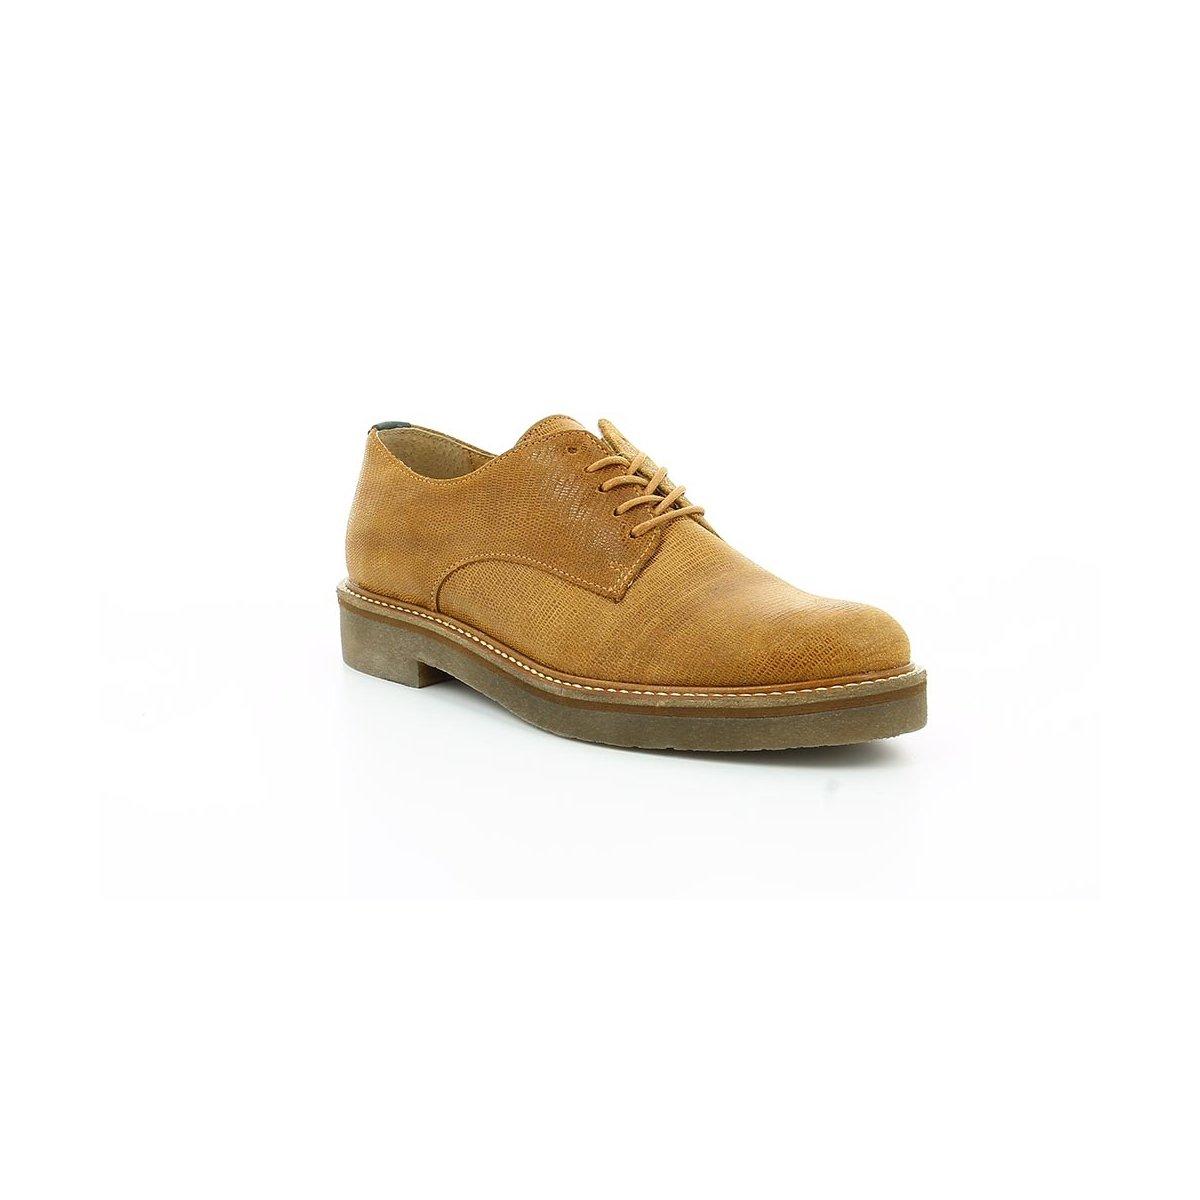 Kickers Zapatos de Cordones de Otra Piel Mujer 38 EU